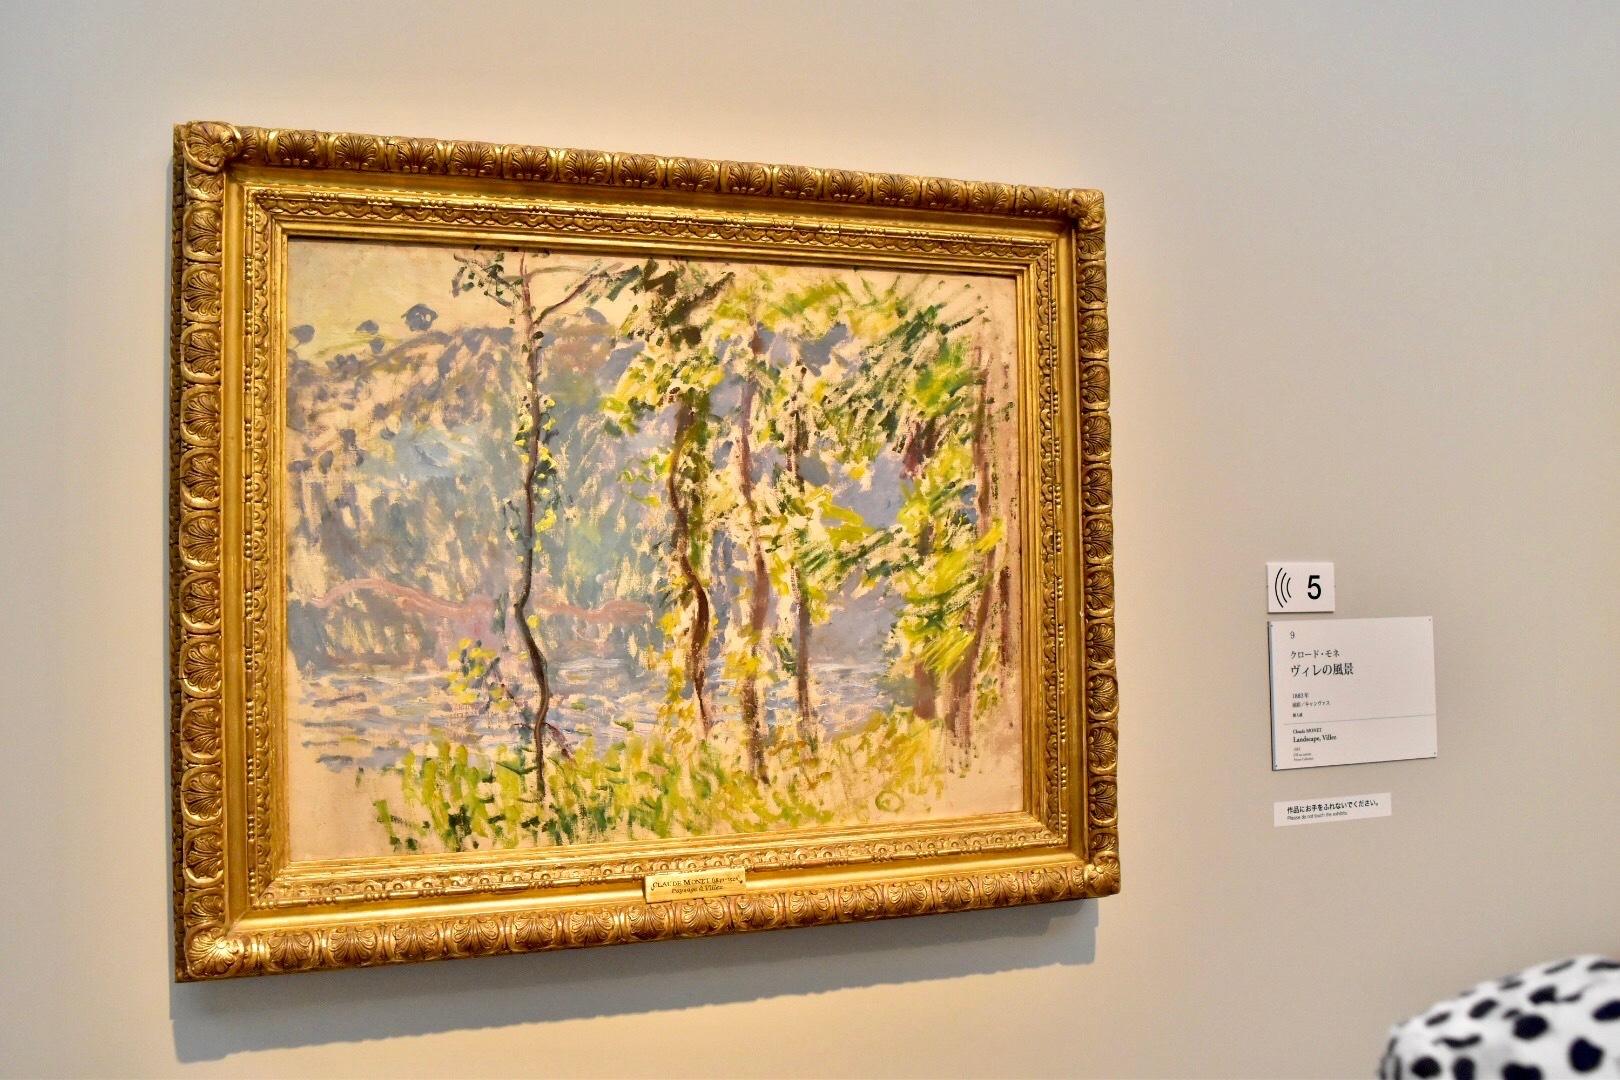 クロード・モネ 《ヴィレの風景》1883年 個人蔵